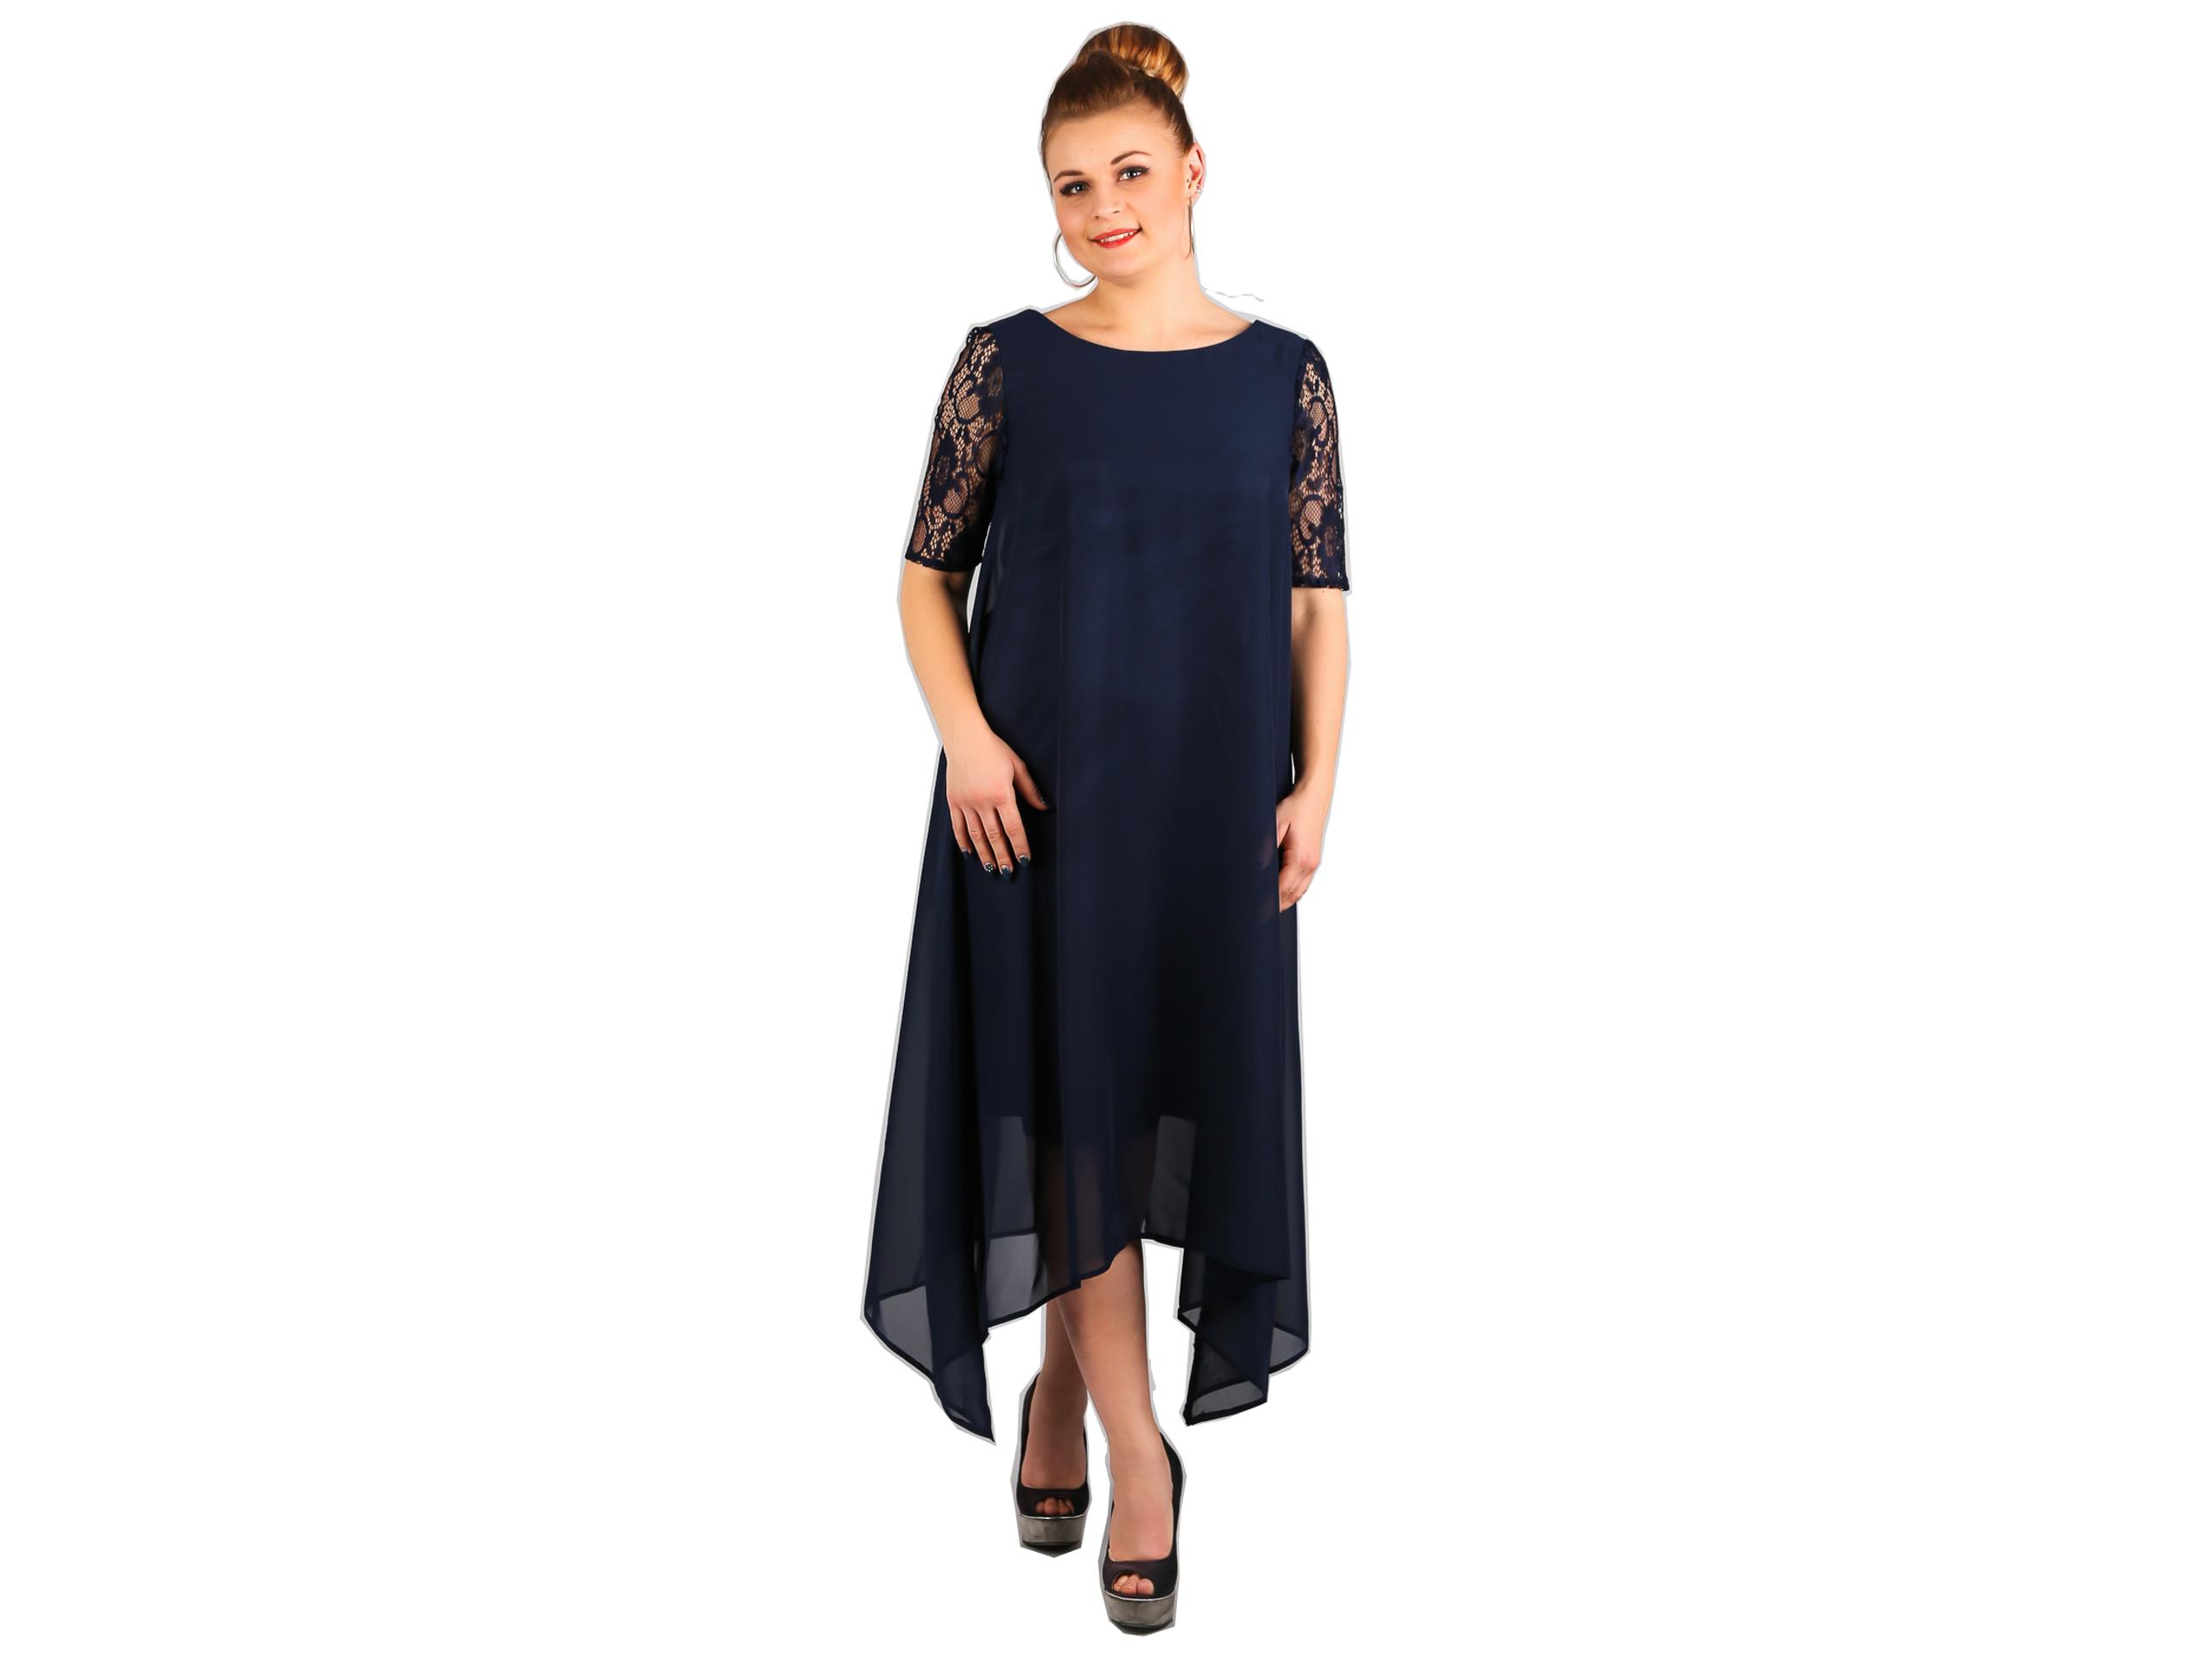 cc98af42a7 OKAZJA Długa sukienka z koronką na wesele 52 - 7512615832 ...